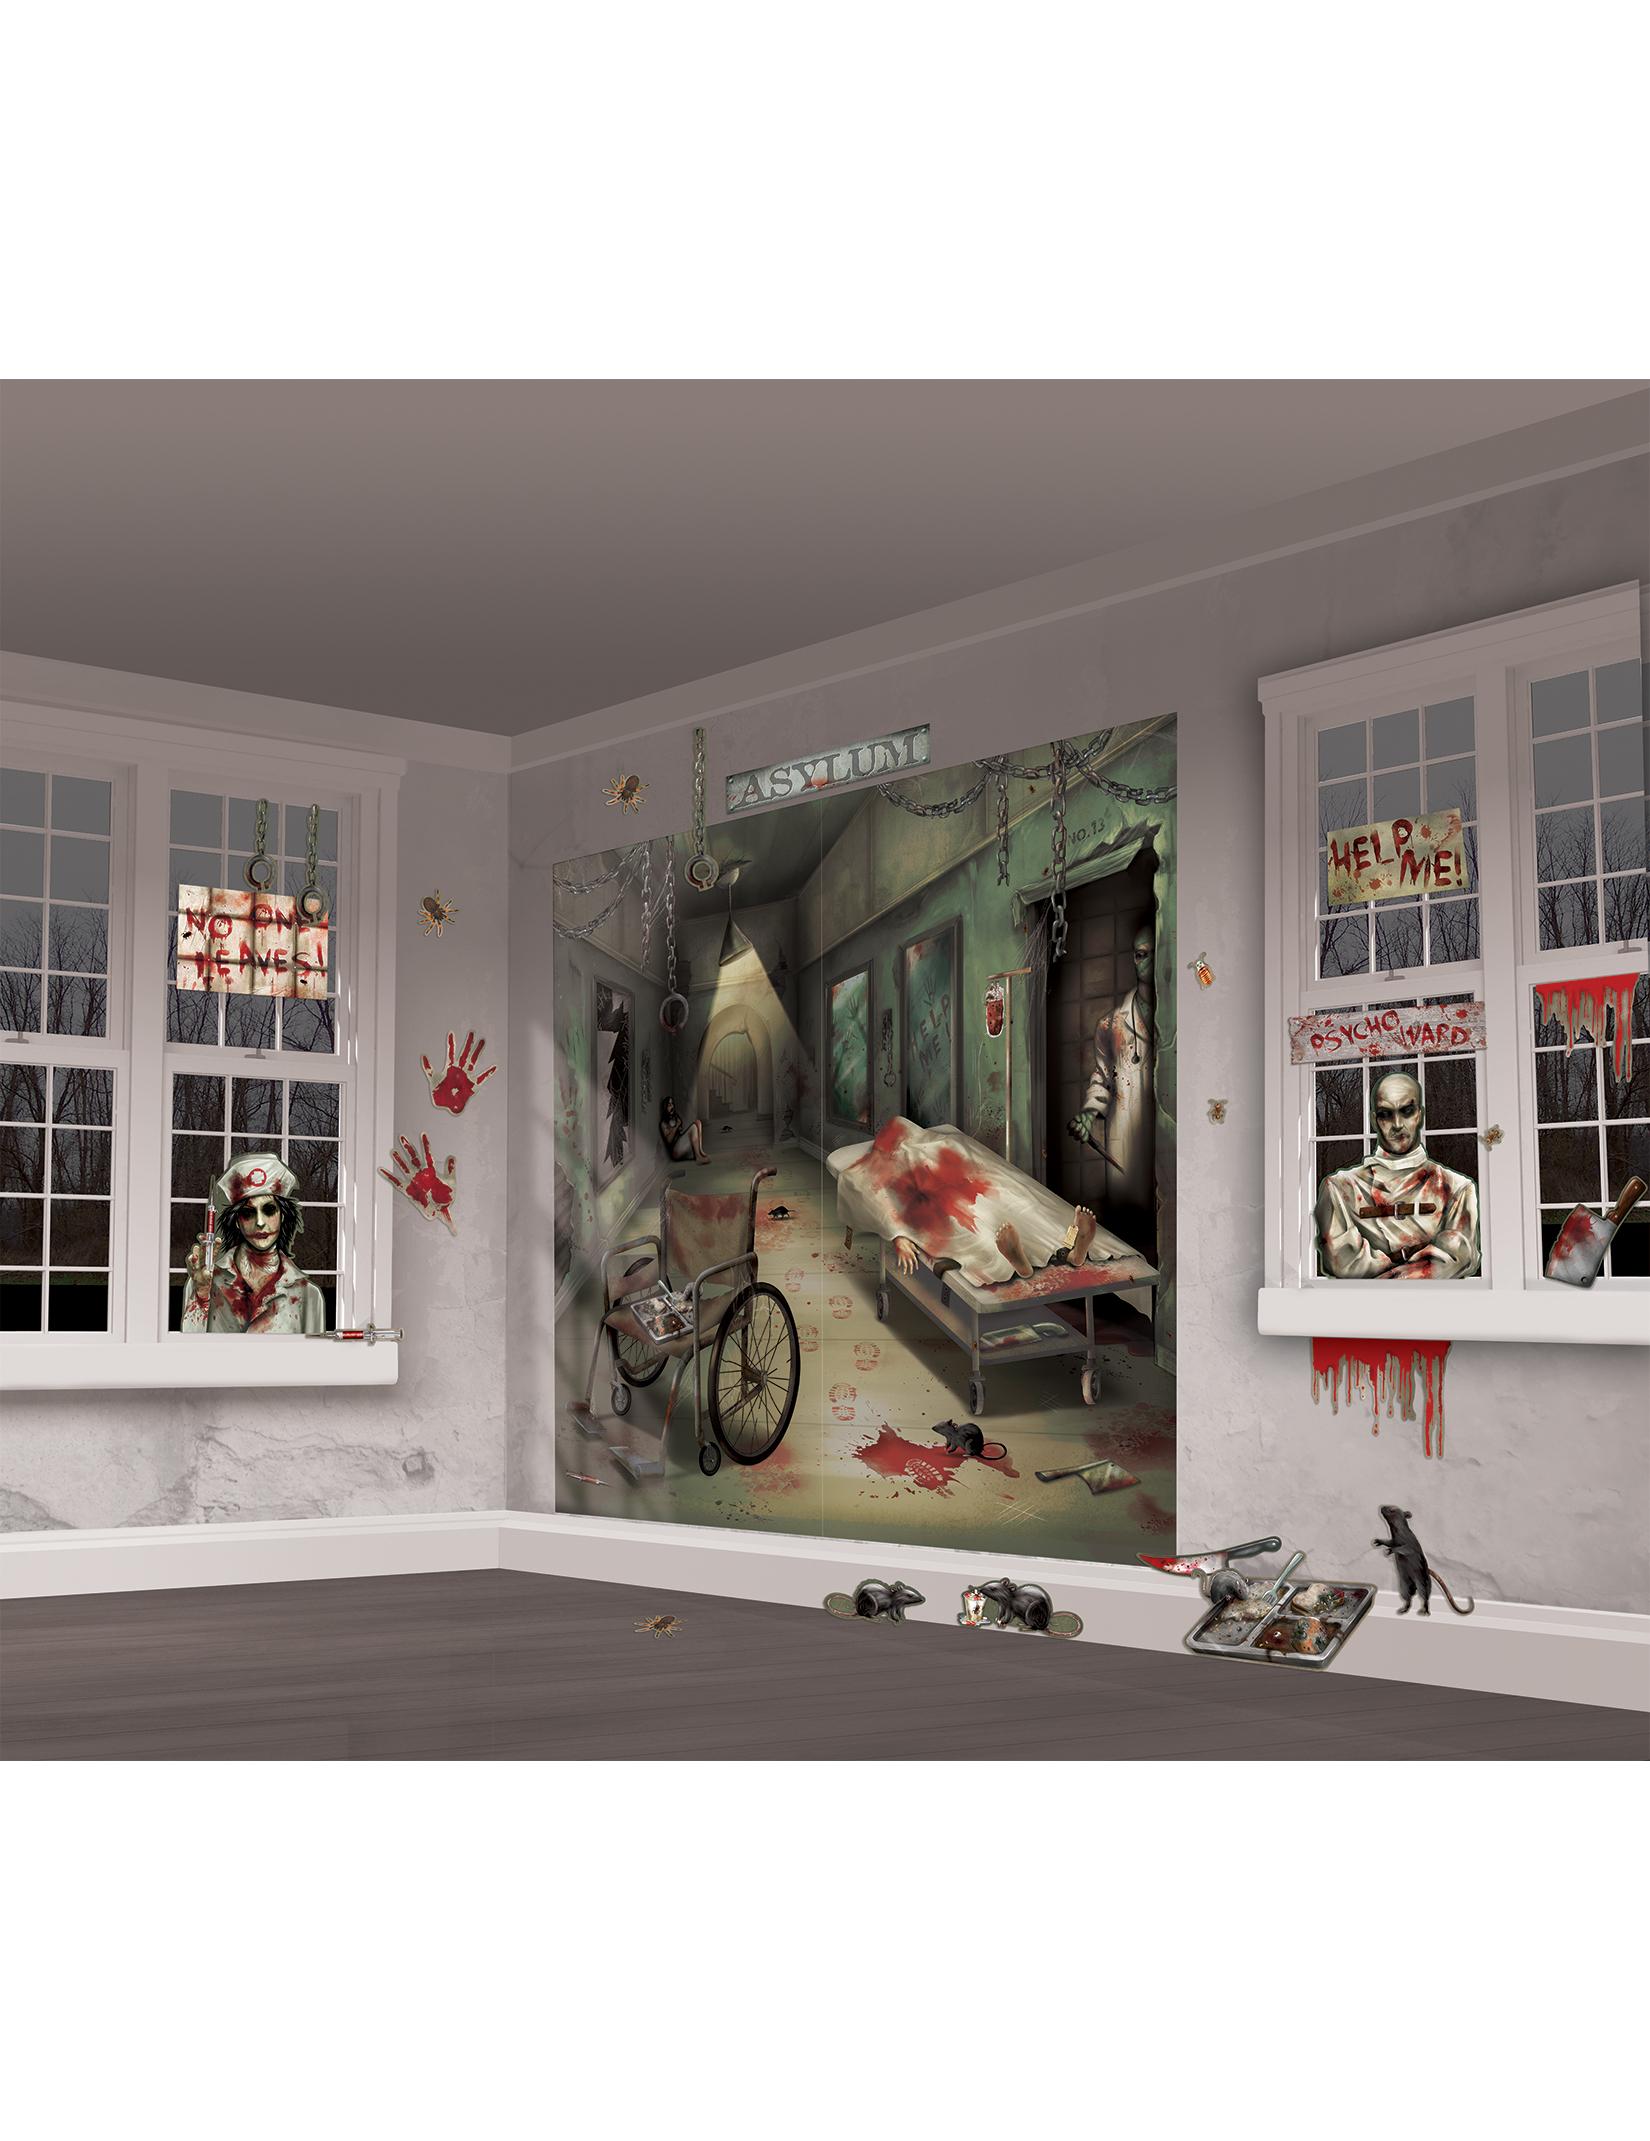 Kit de d coration murale halloween d coration anniversaire et f tes th me sur vegaoo party - Decoration salon halloween ...